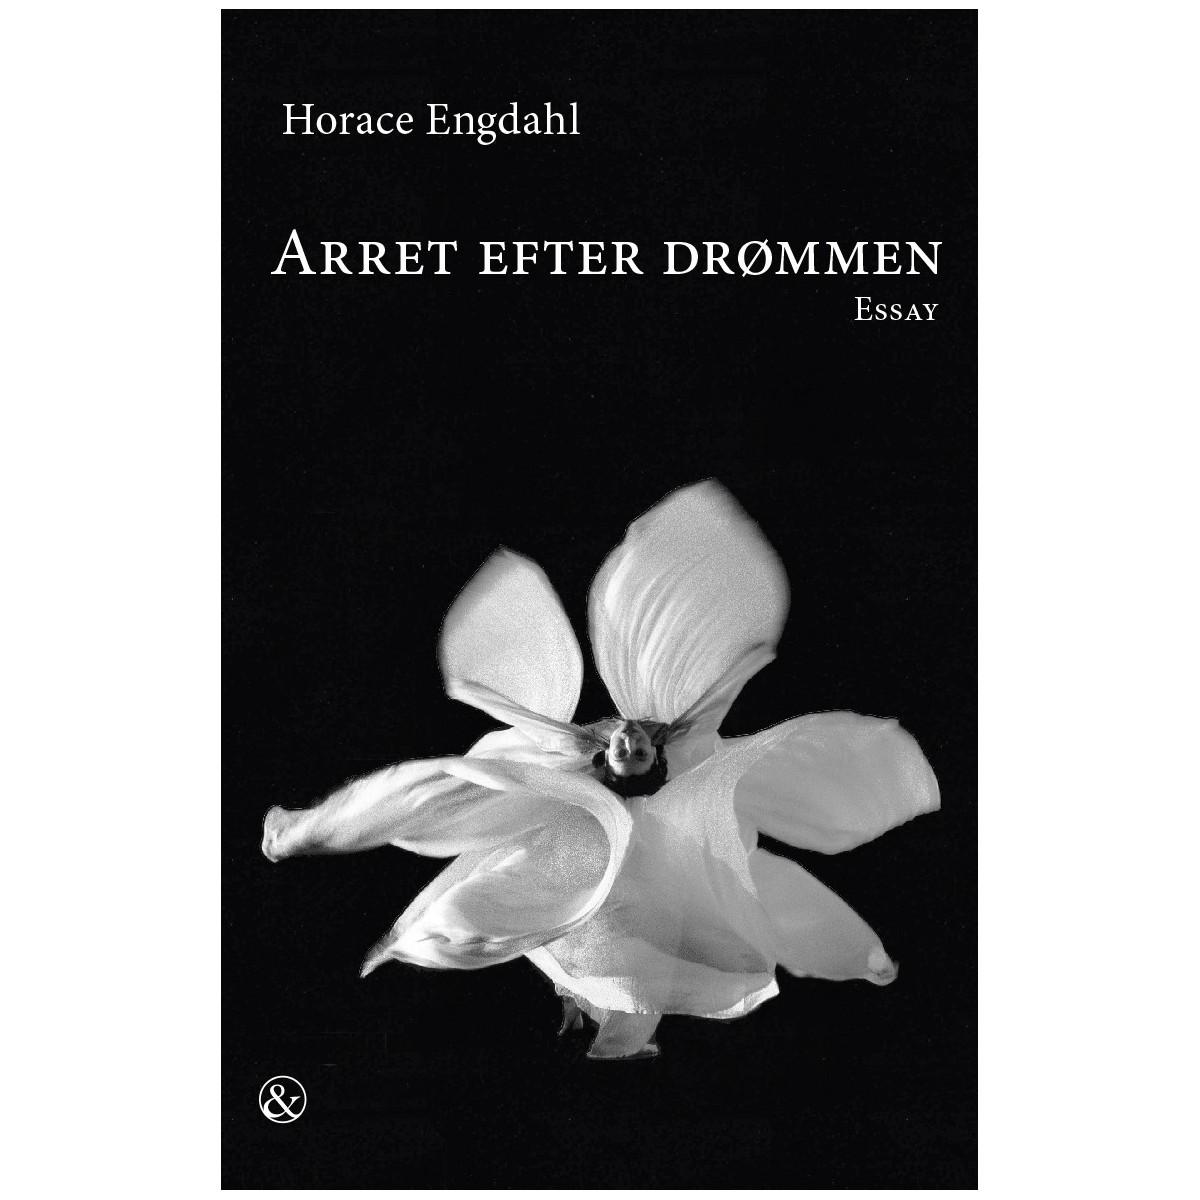 Horace Engdahl: Arret efter drømmen